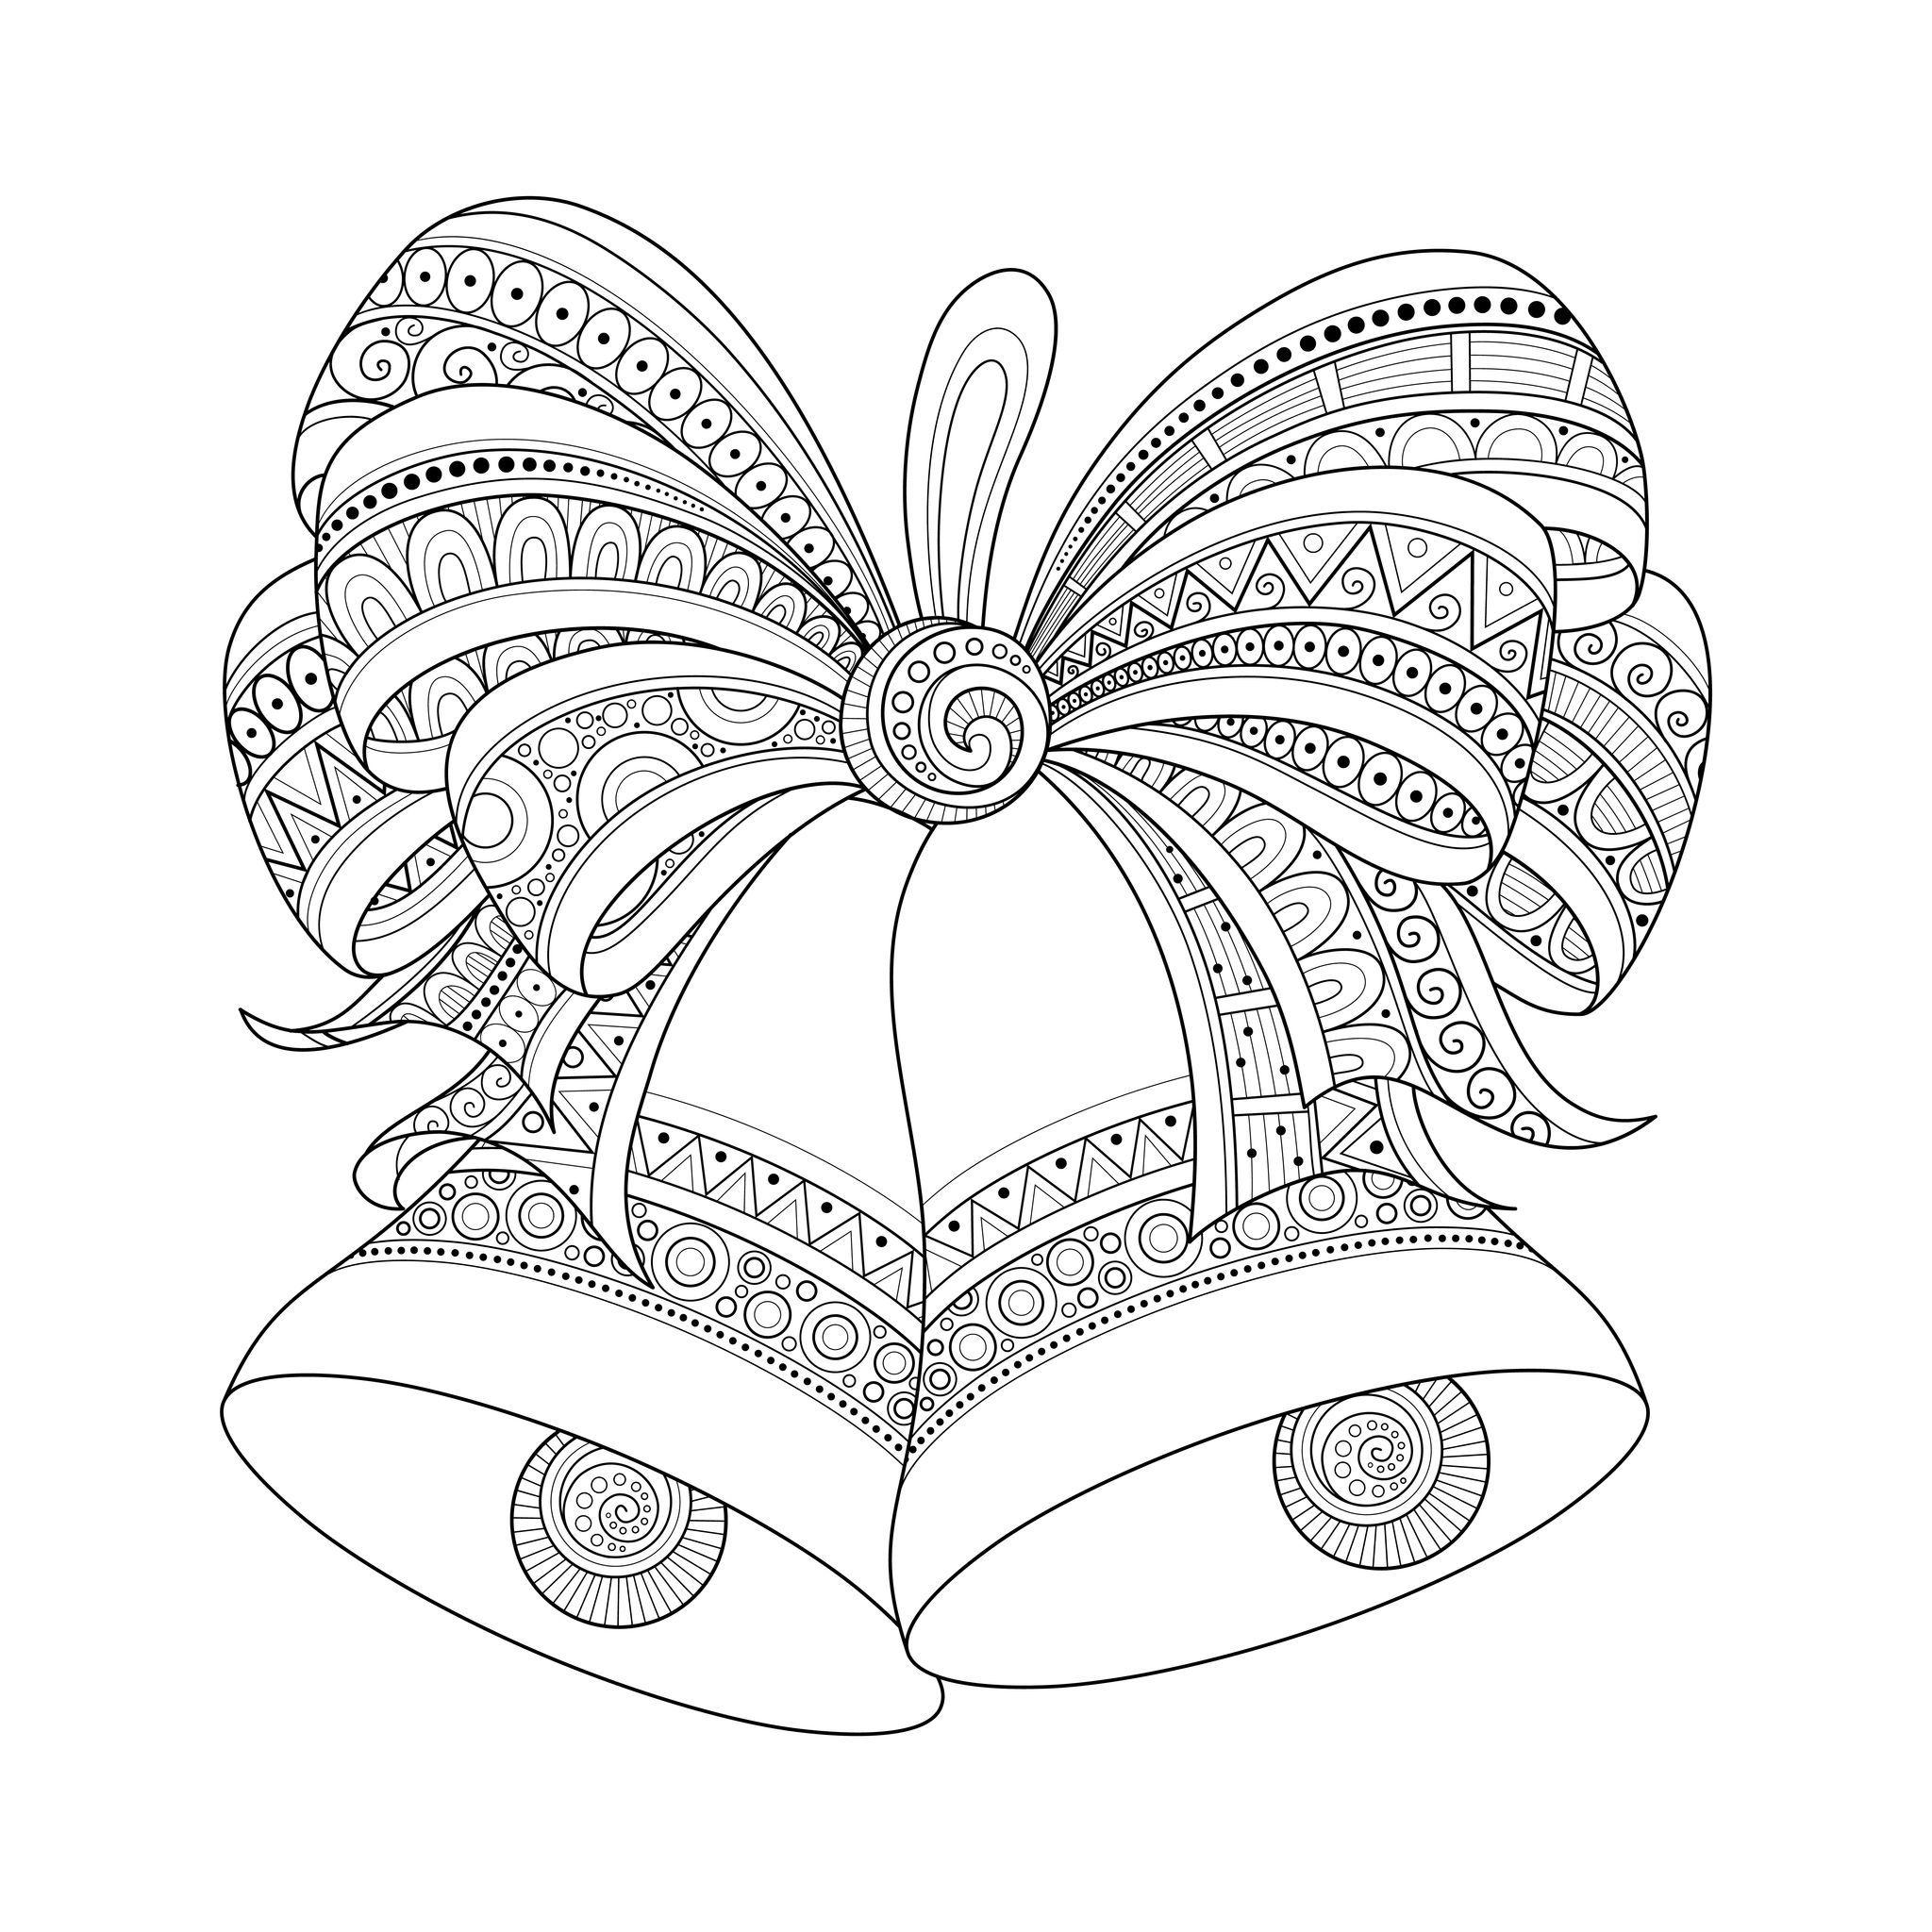 Colorear para adultos : Navidad - 2, | coloring pages | Pinterest ...